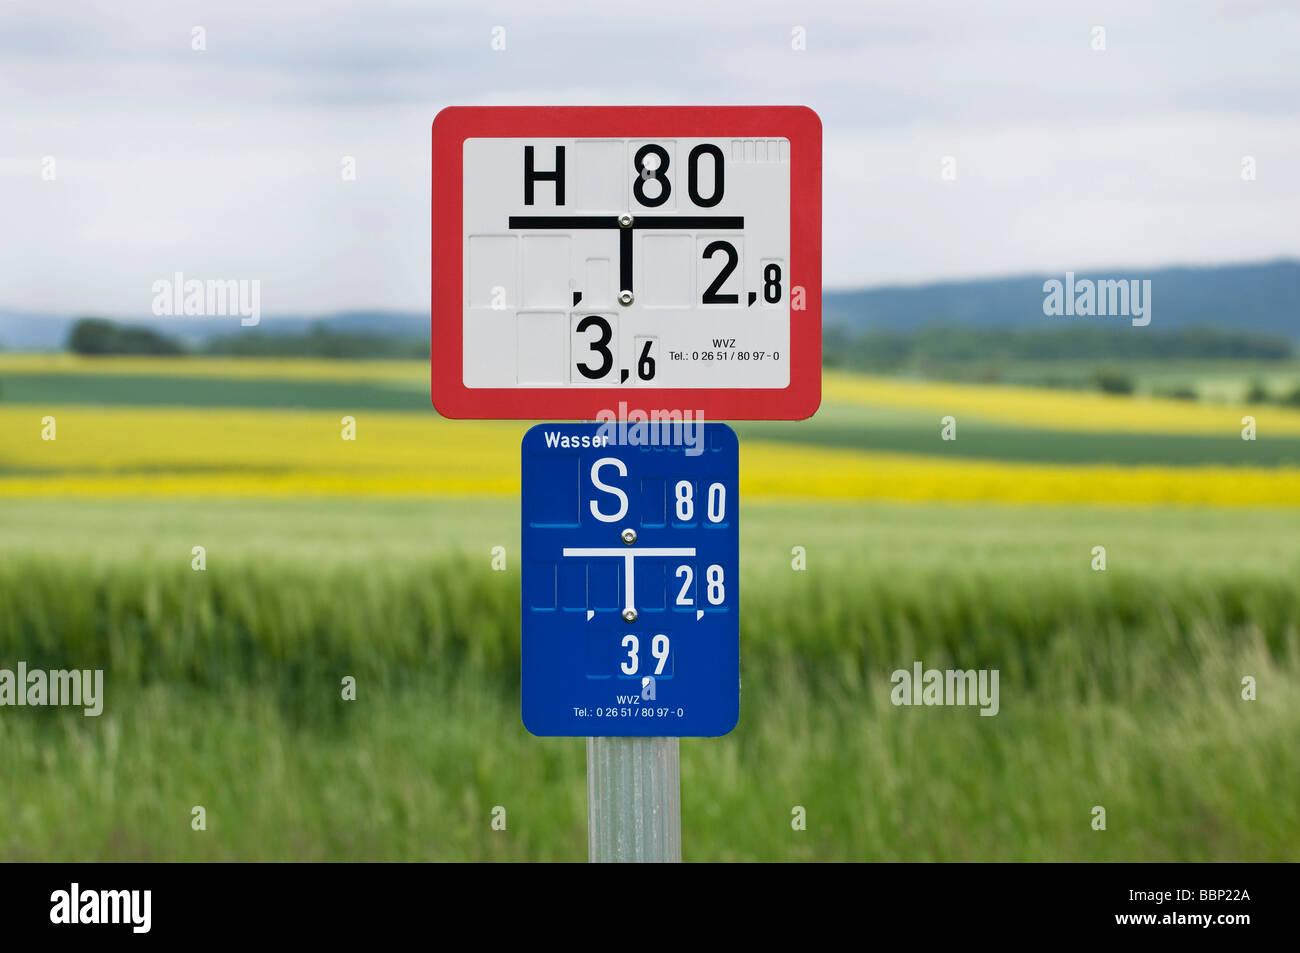 Signo de hidrantes de agua con placa deslizante, campos en la espalda Imagen De Stock